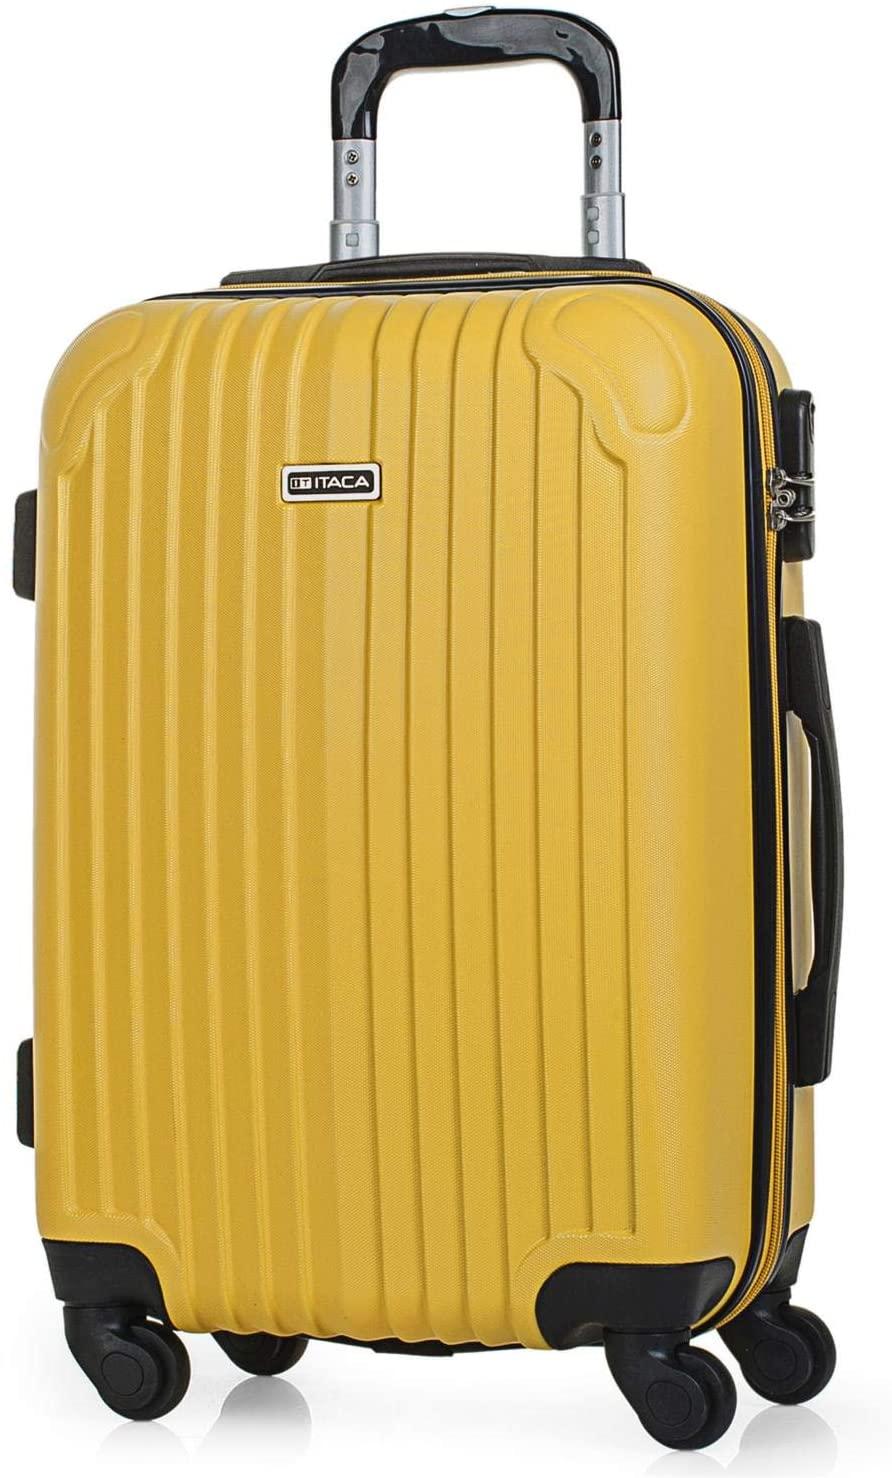 maleta-de-cabina-itaca-t71550-03.jpg